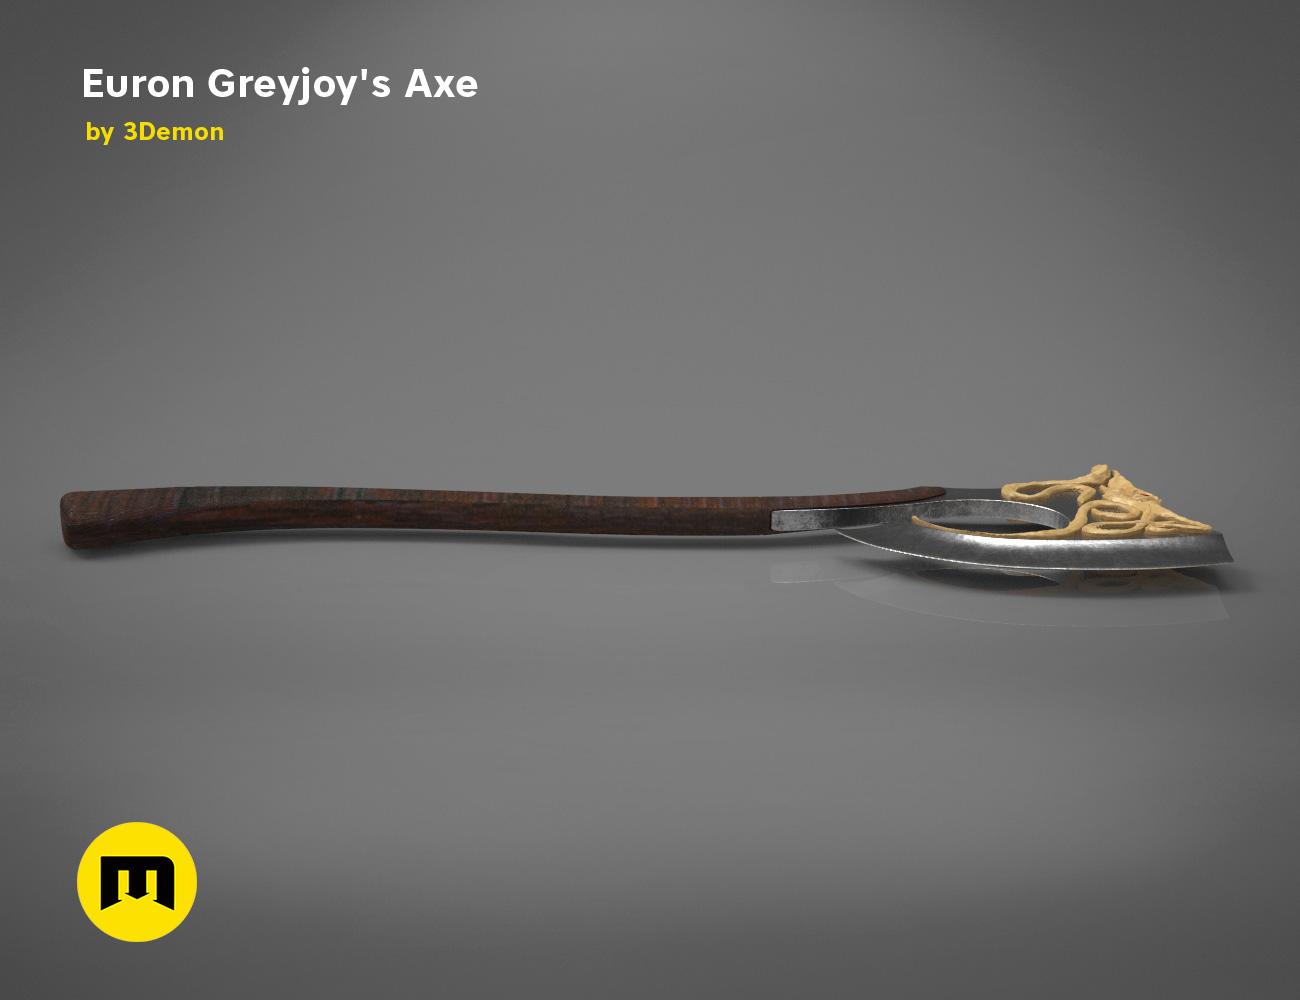 axe-gameofthrones-render.979.jpg Download OBJ file Euron Greyjoy's Axe • 3D printable object, 3D-mon